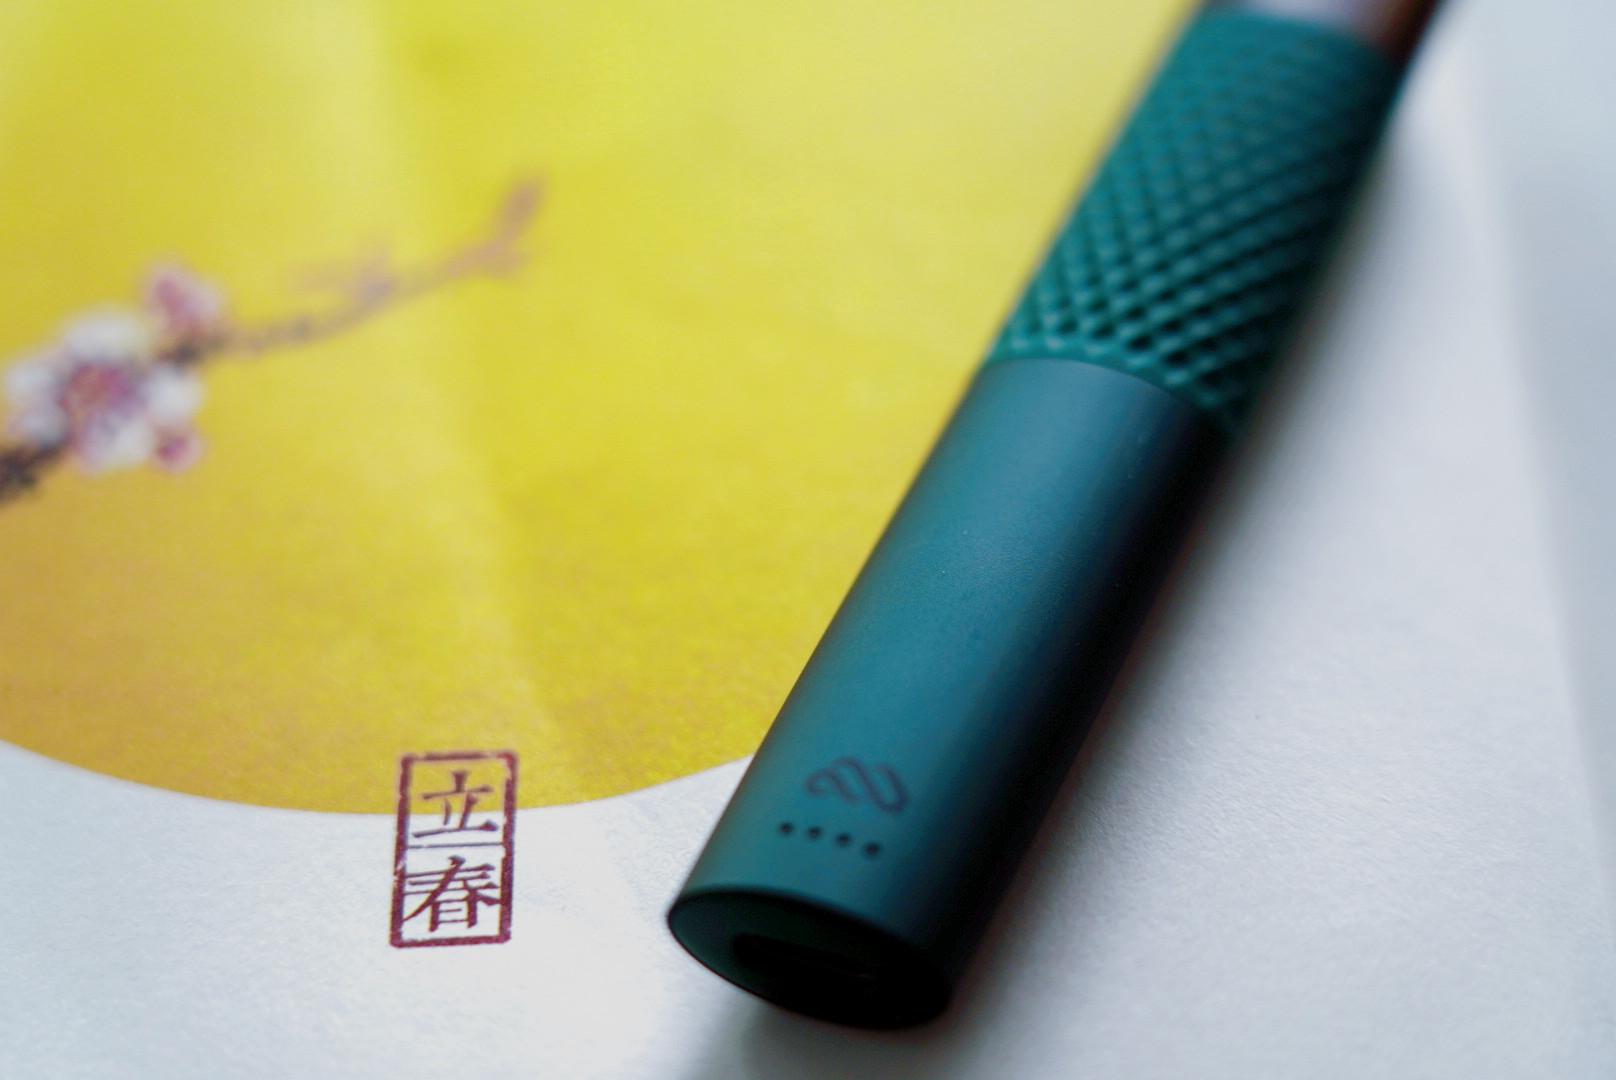 全球首款「尼古丁X」电子烟喜雾S1发布,体验如何?